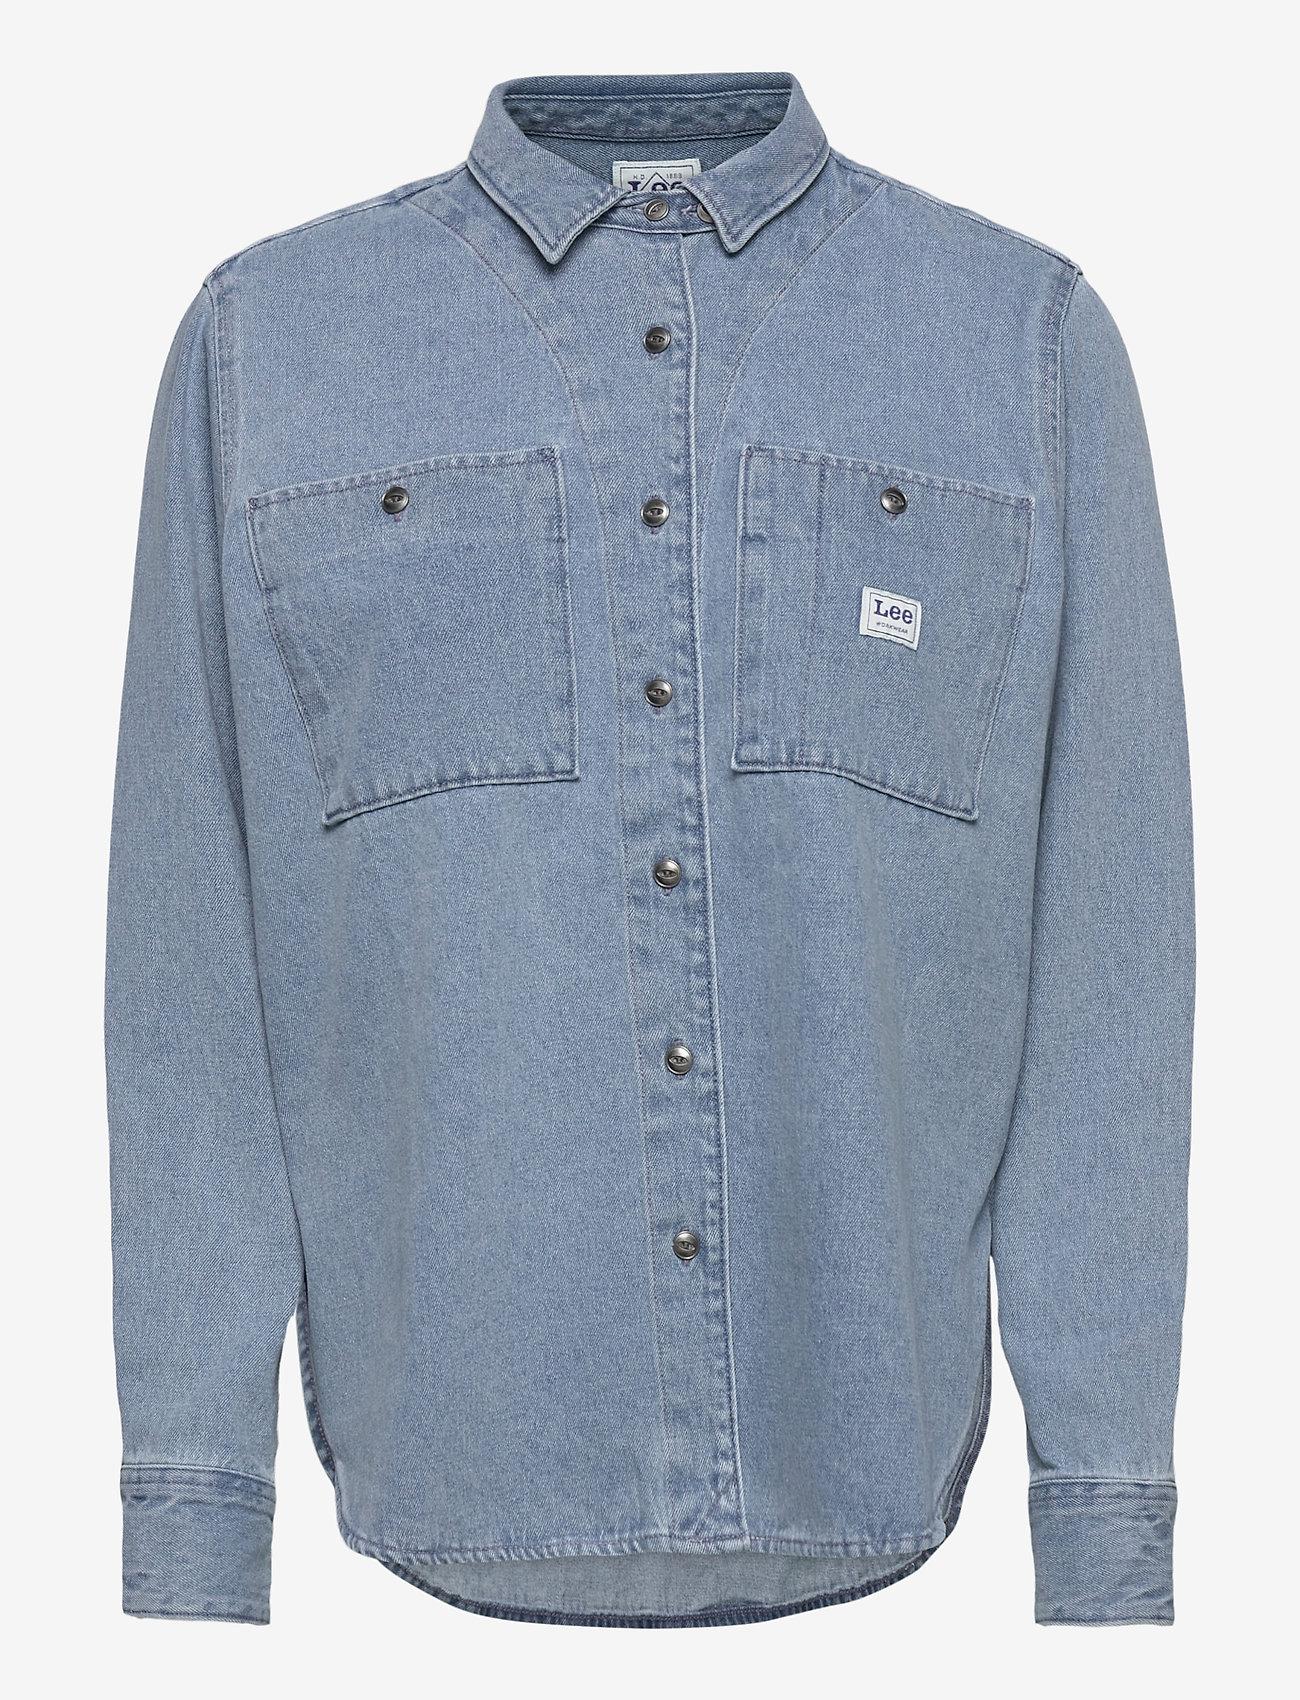 Lee Jeans - WORKER SHIRT - jeansskjortor - faded blue - 0